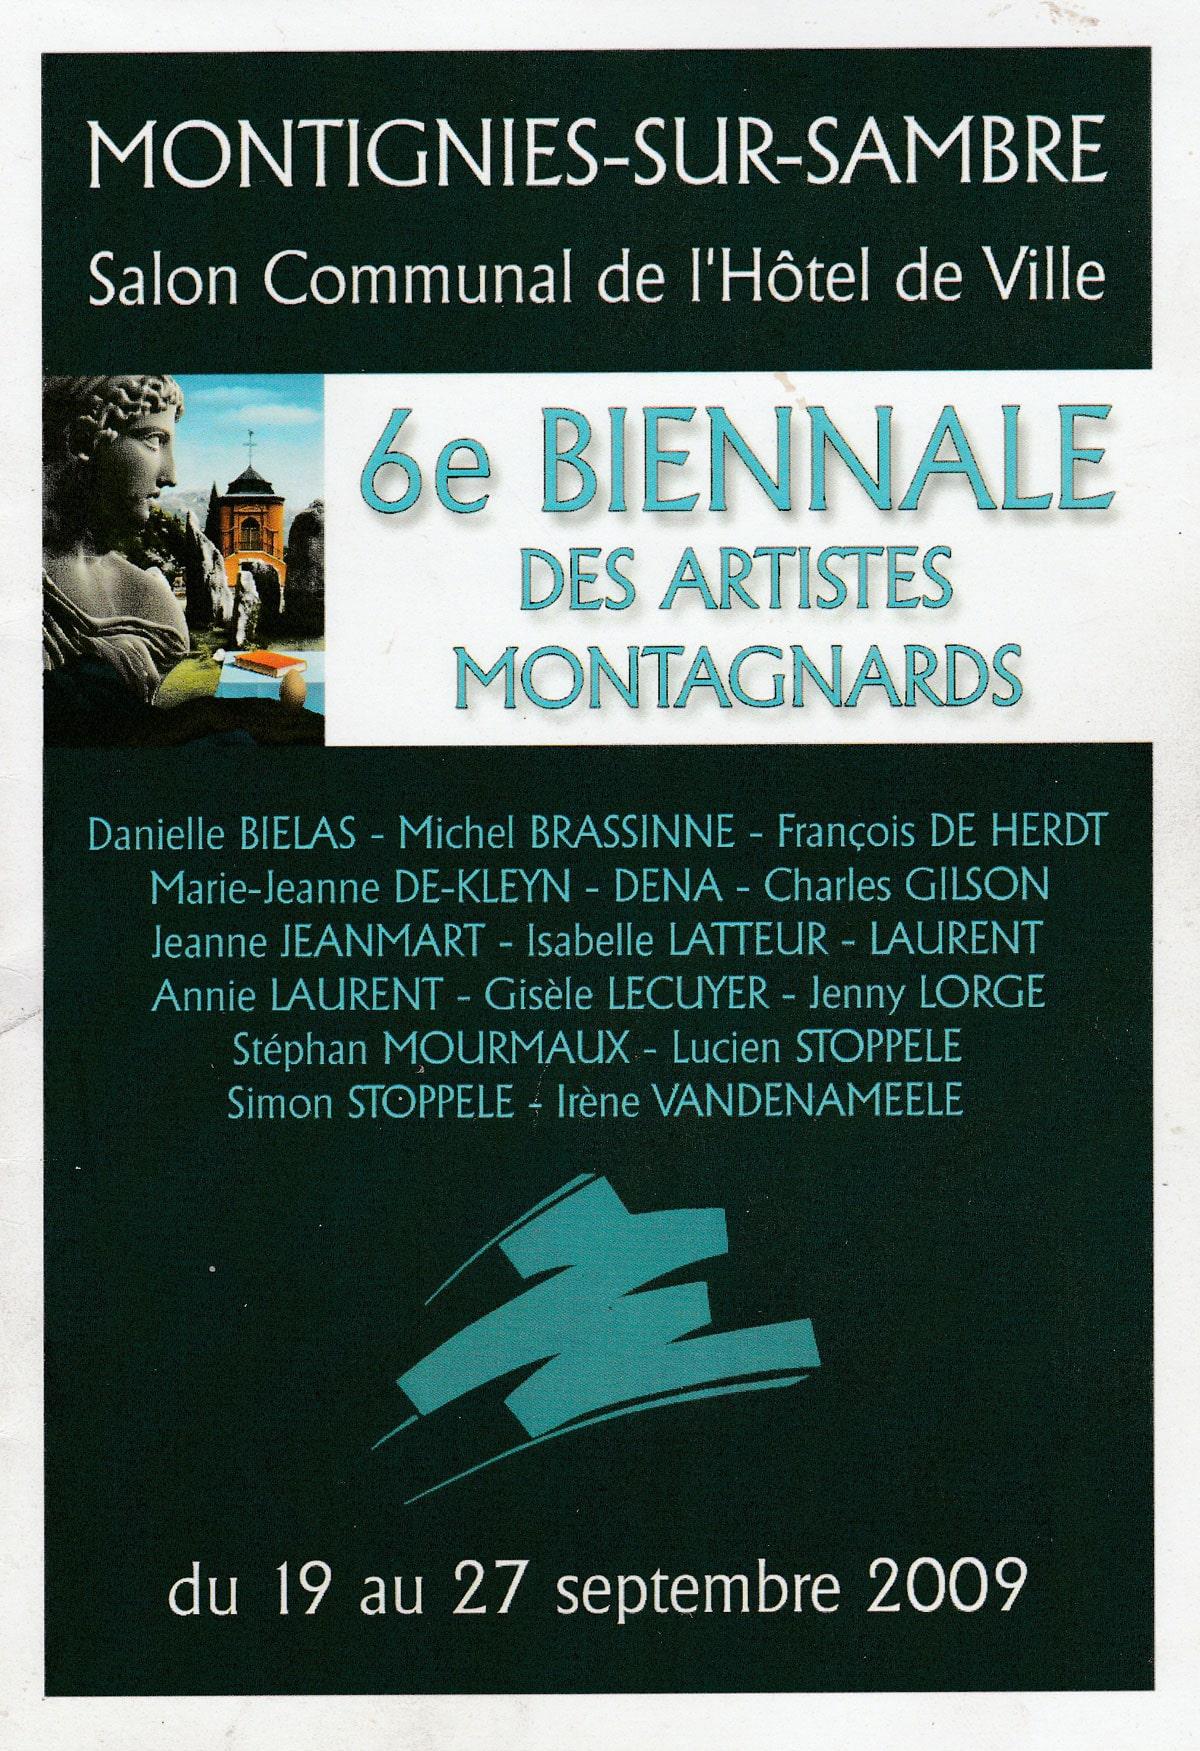 6ème Biennale des Artistes Montagnards